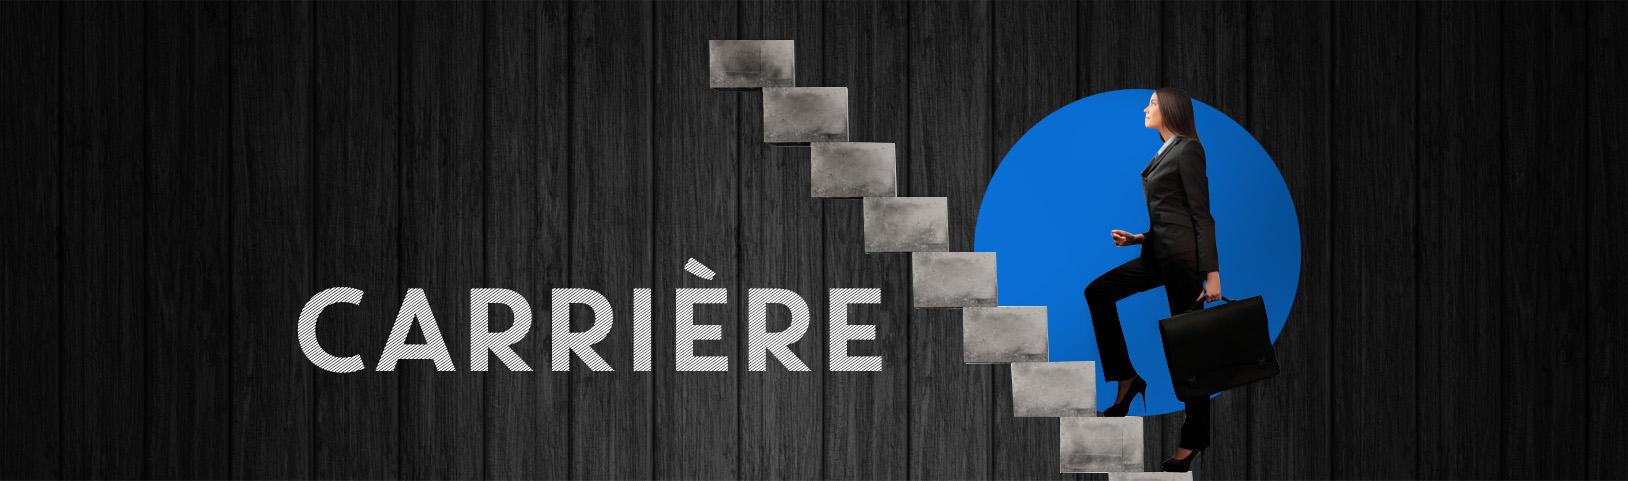 career-banner-fr